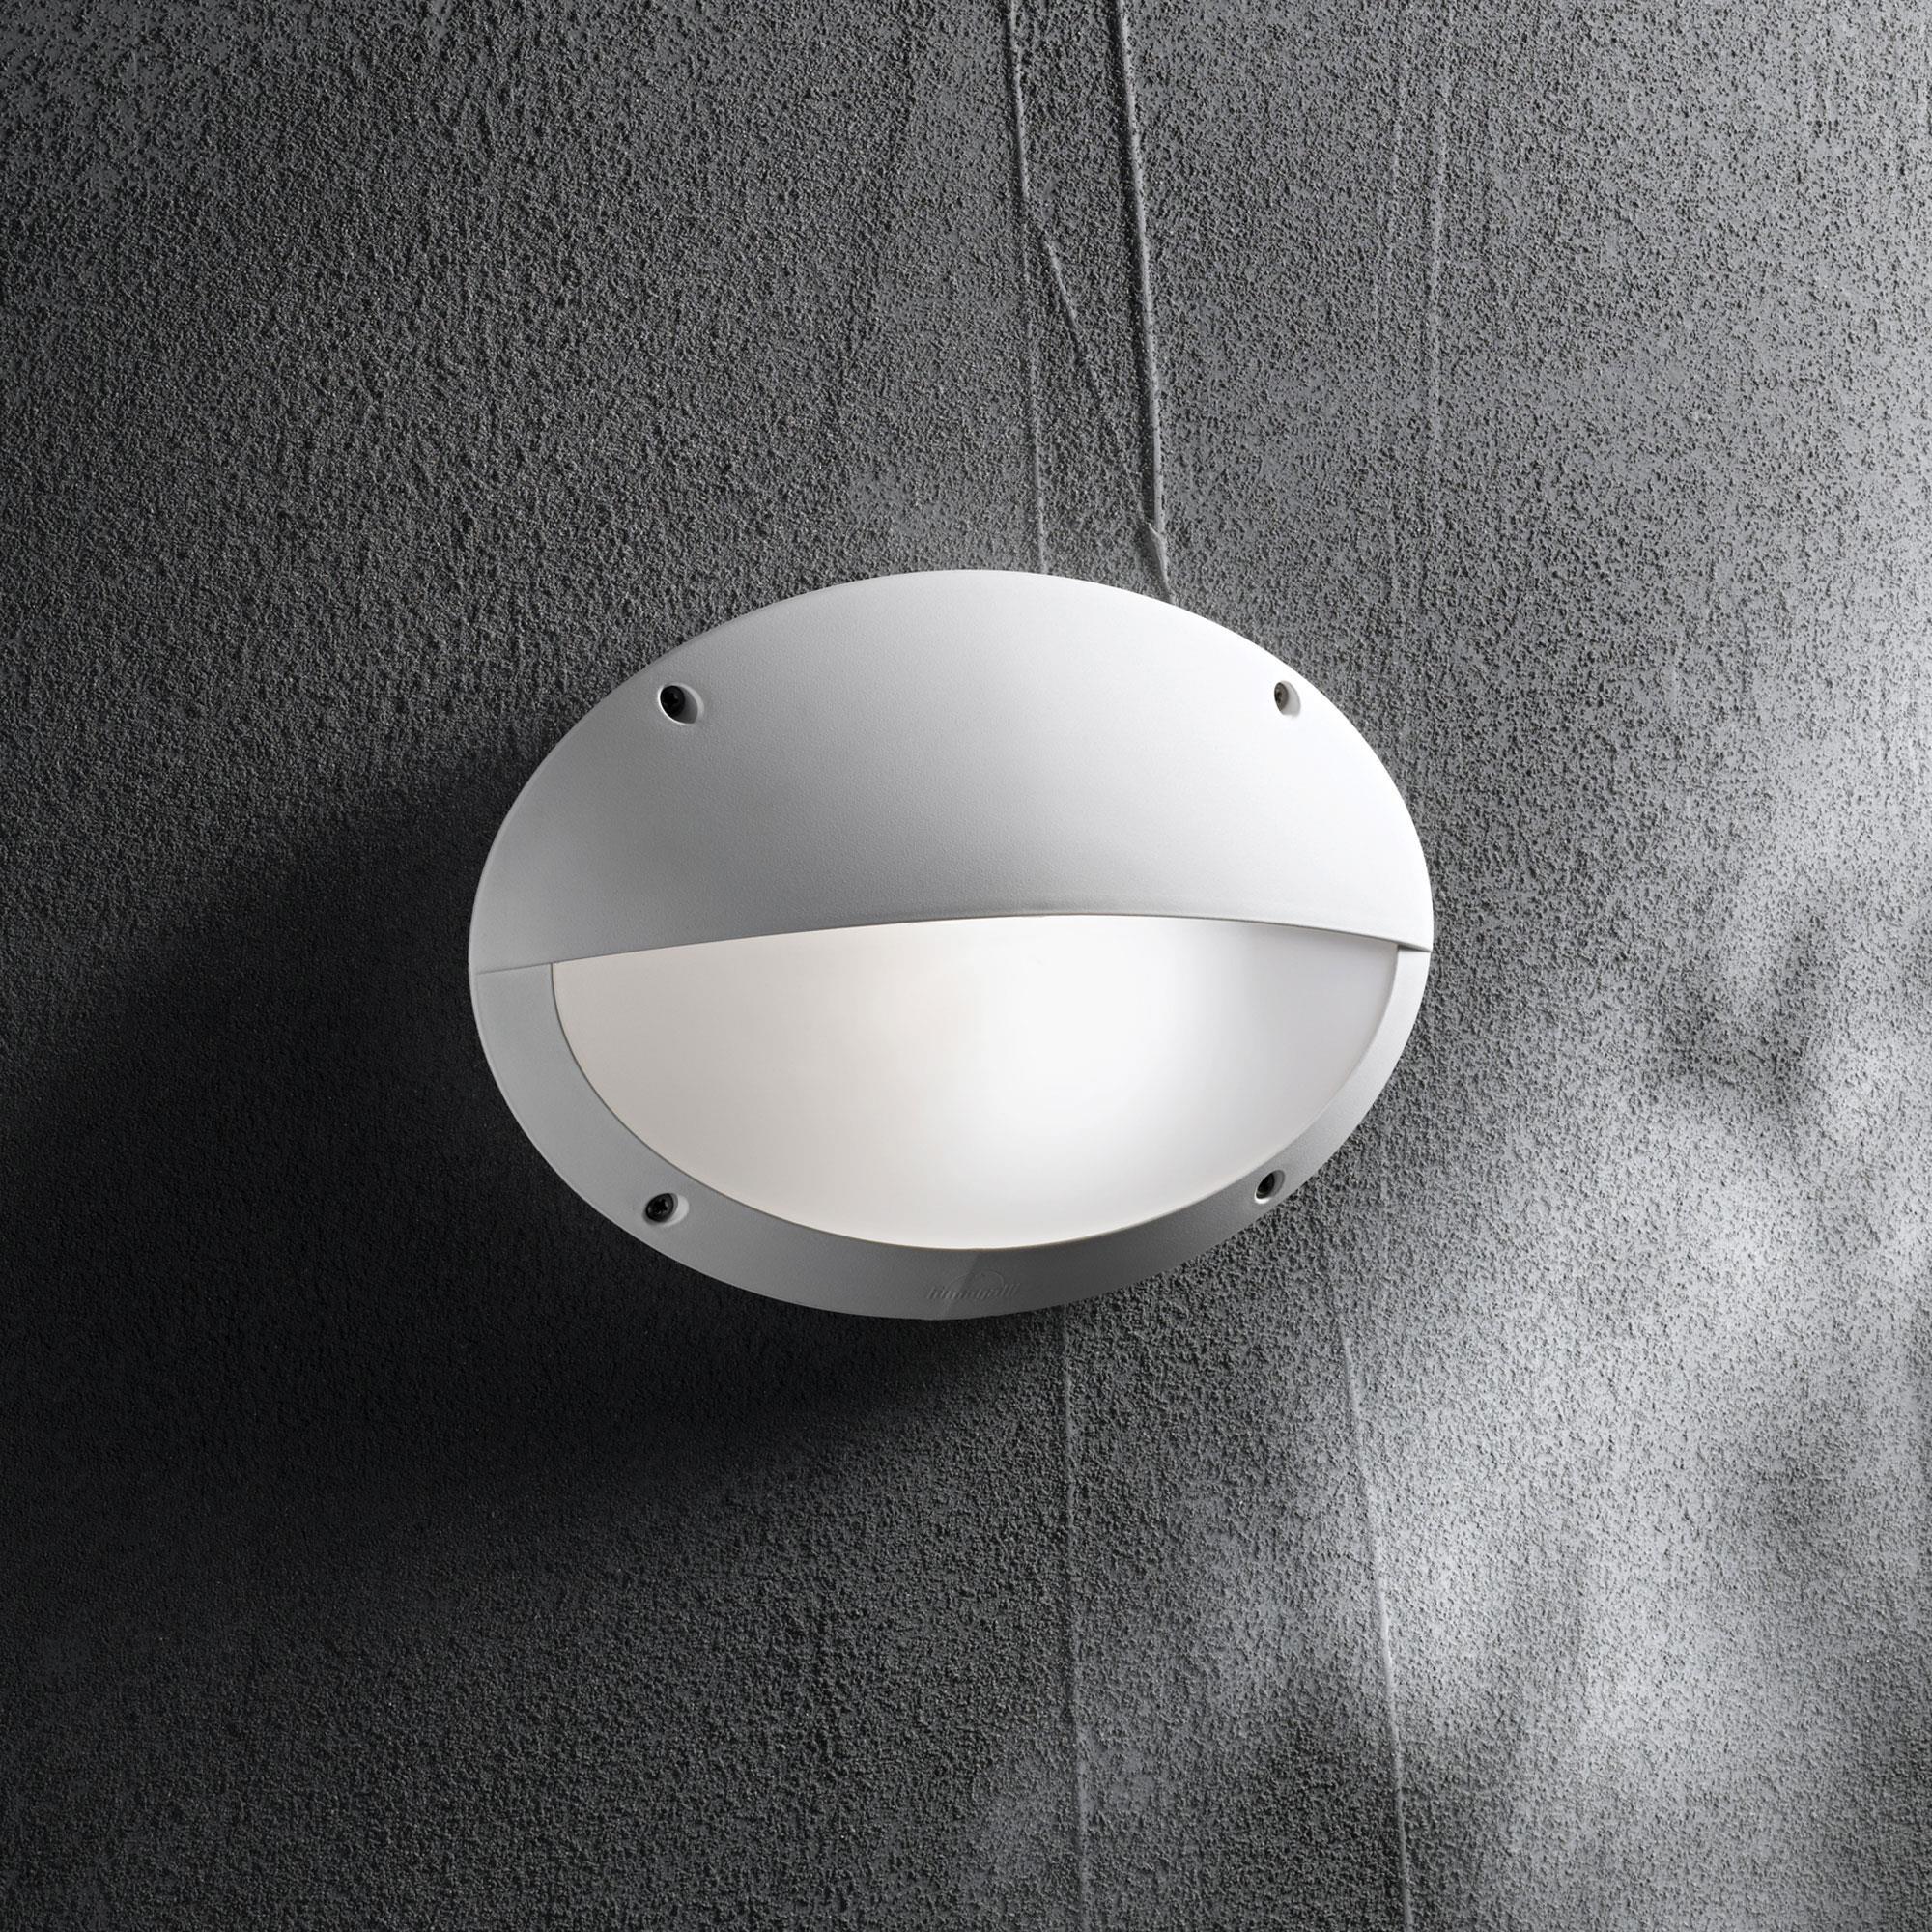 Ideal Lux 096735 Maddi-2 AP1 Bianco kültéri falilámpa